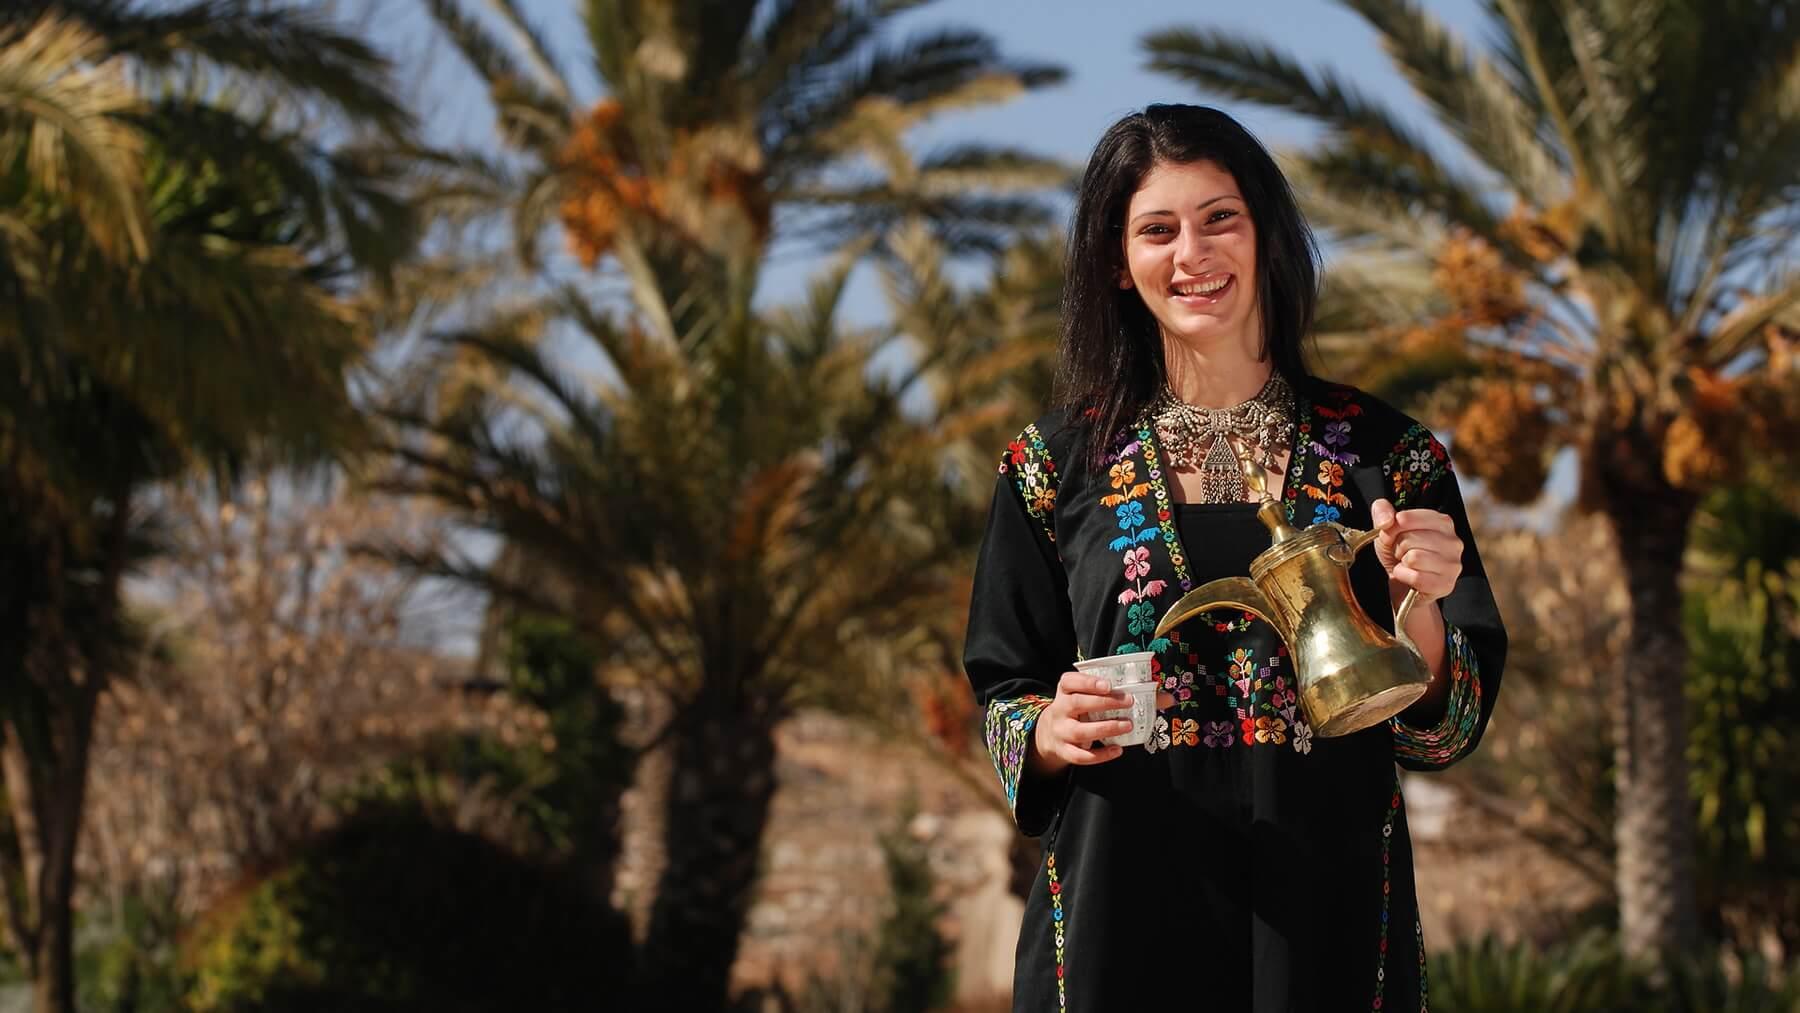 Jordaniesche Frau in traditioneller Kleidung schenkt Tee aus Kanne ein.